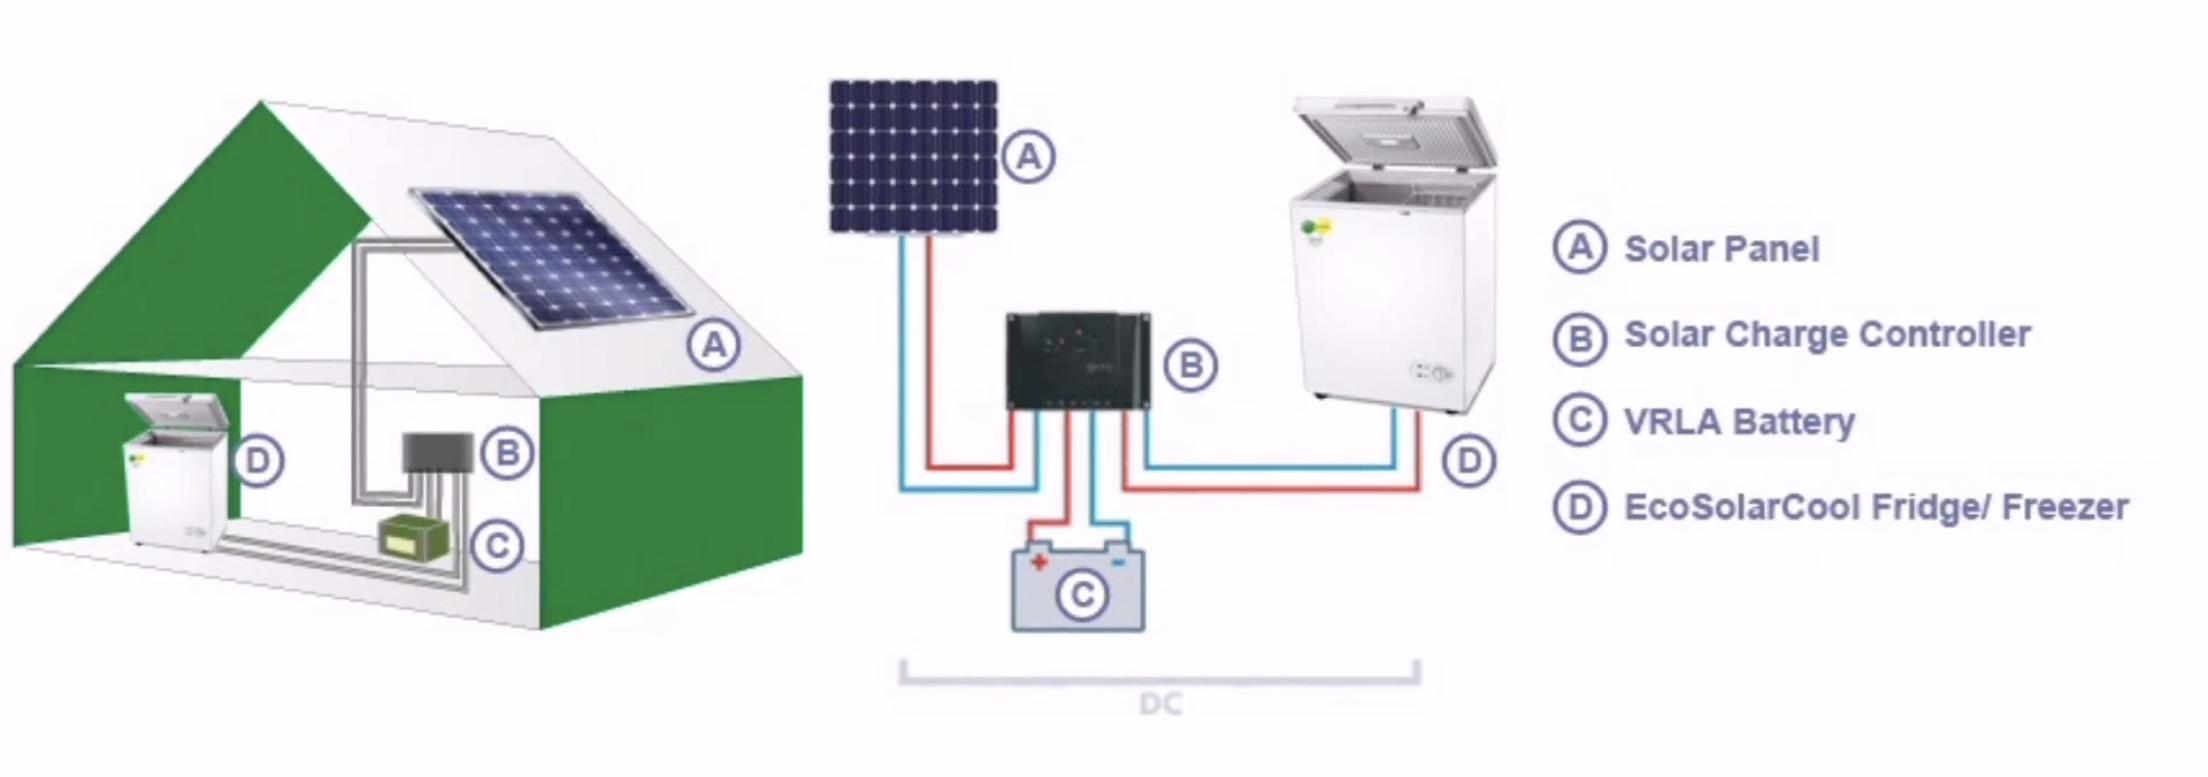 Vdo Senders Wiring Diagrams